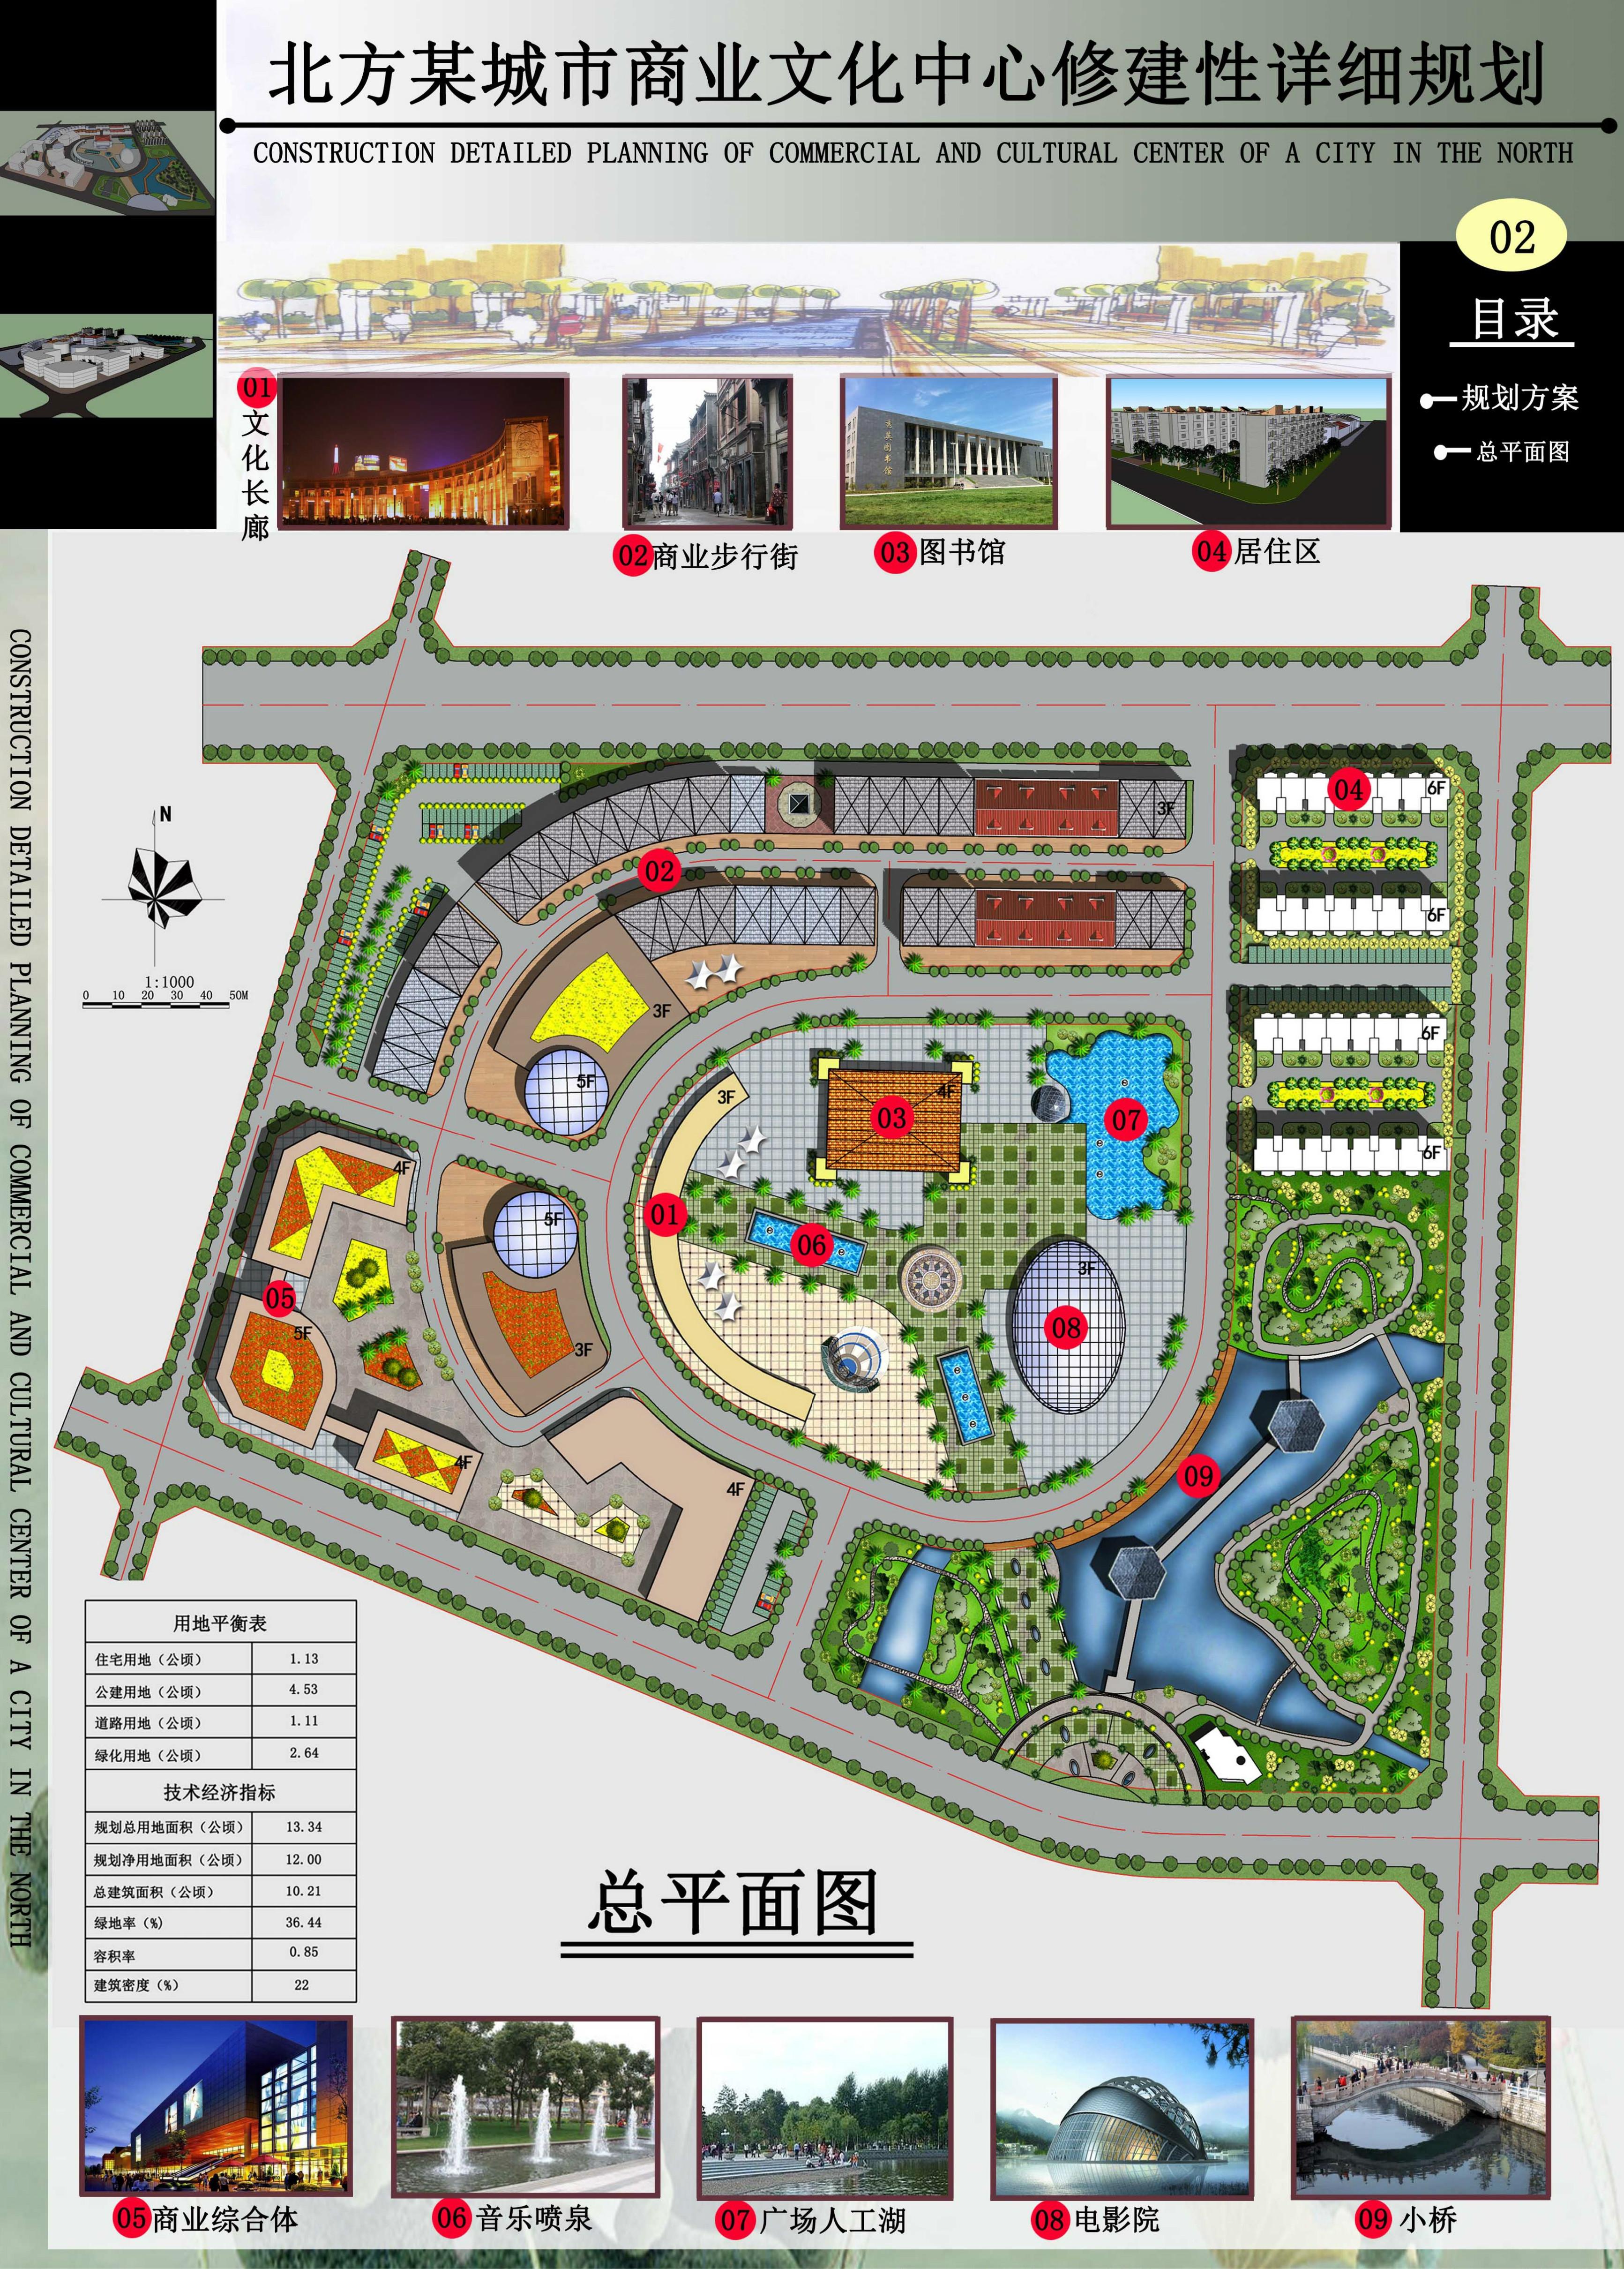 园林规划设计得最终成果是园林规划设计图纸,其中包括总平面图,单体